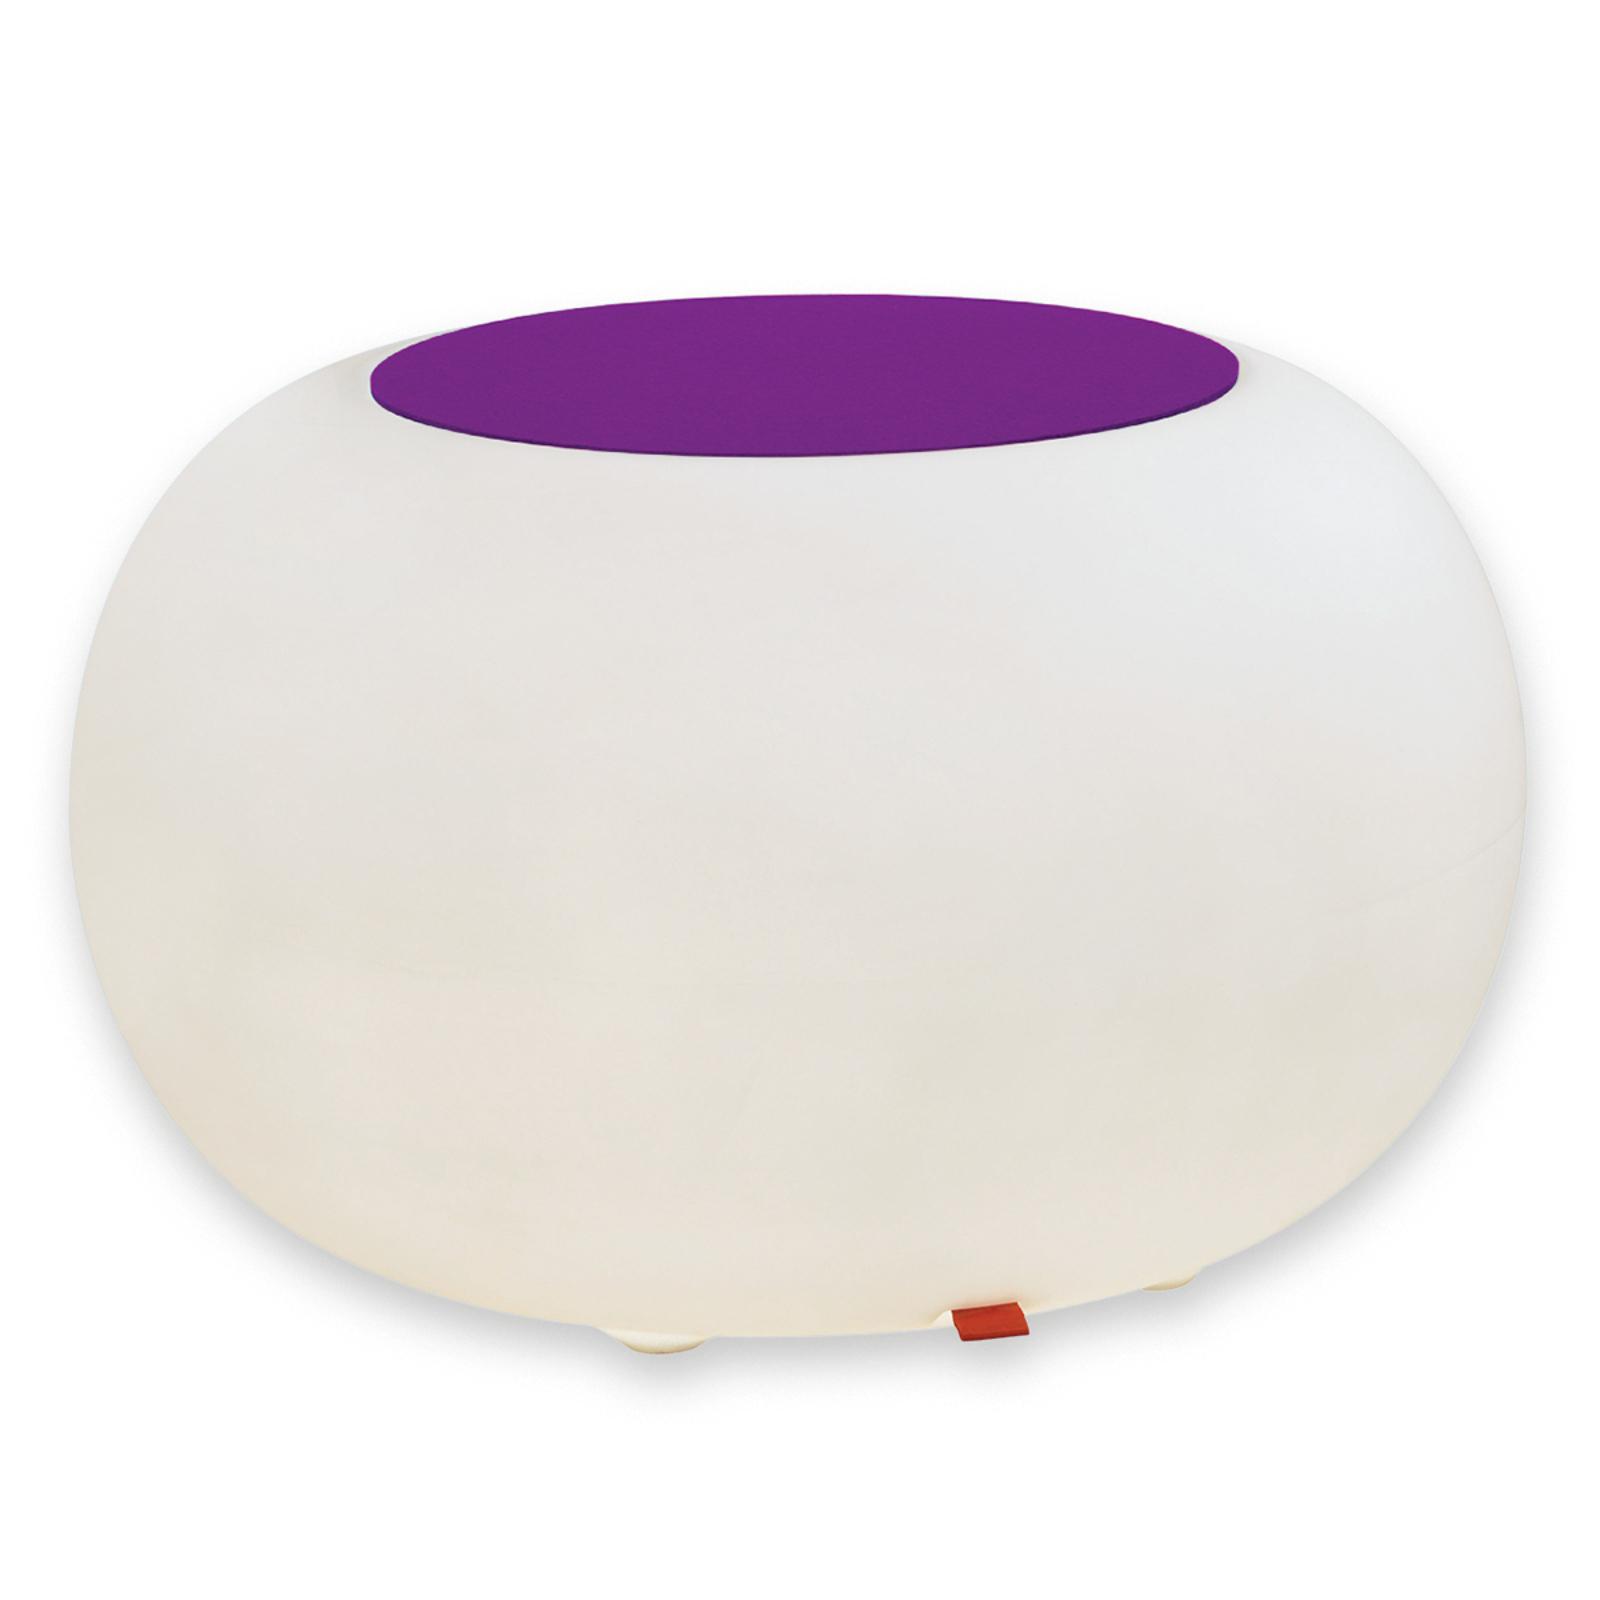 Pöytä Bubble Indoor LED valkoinen + huopa violetti